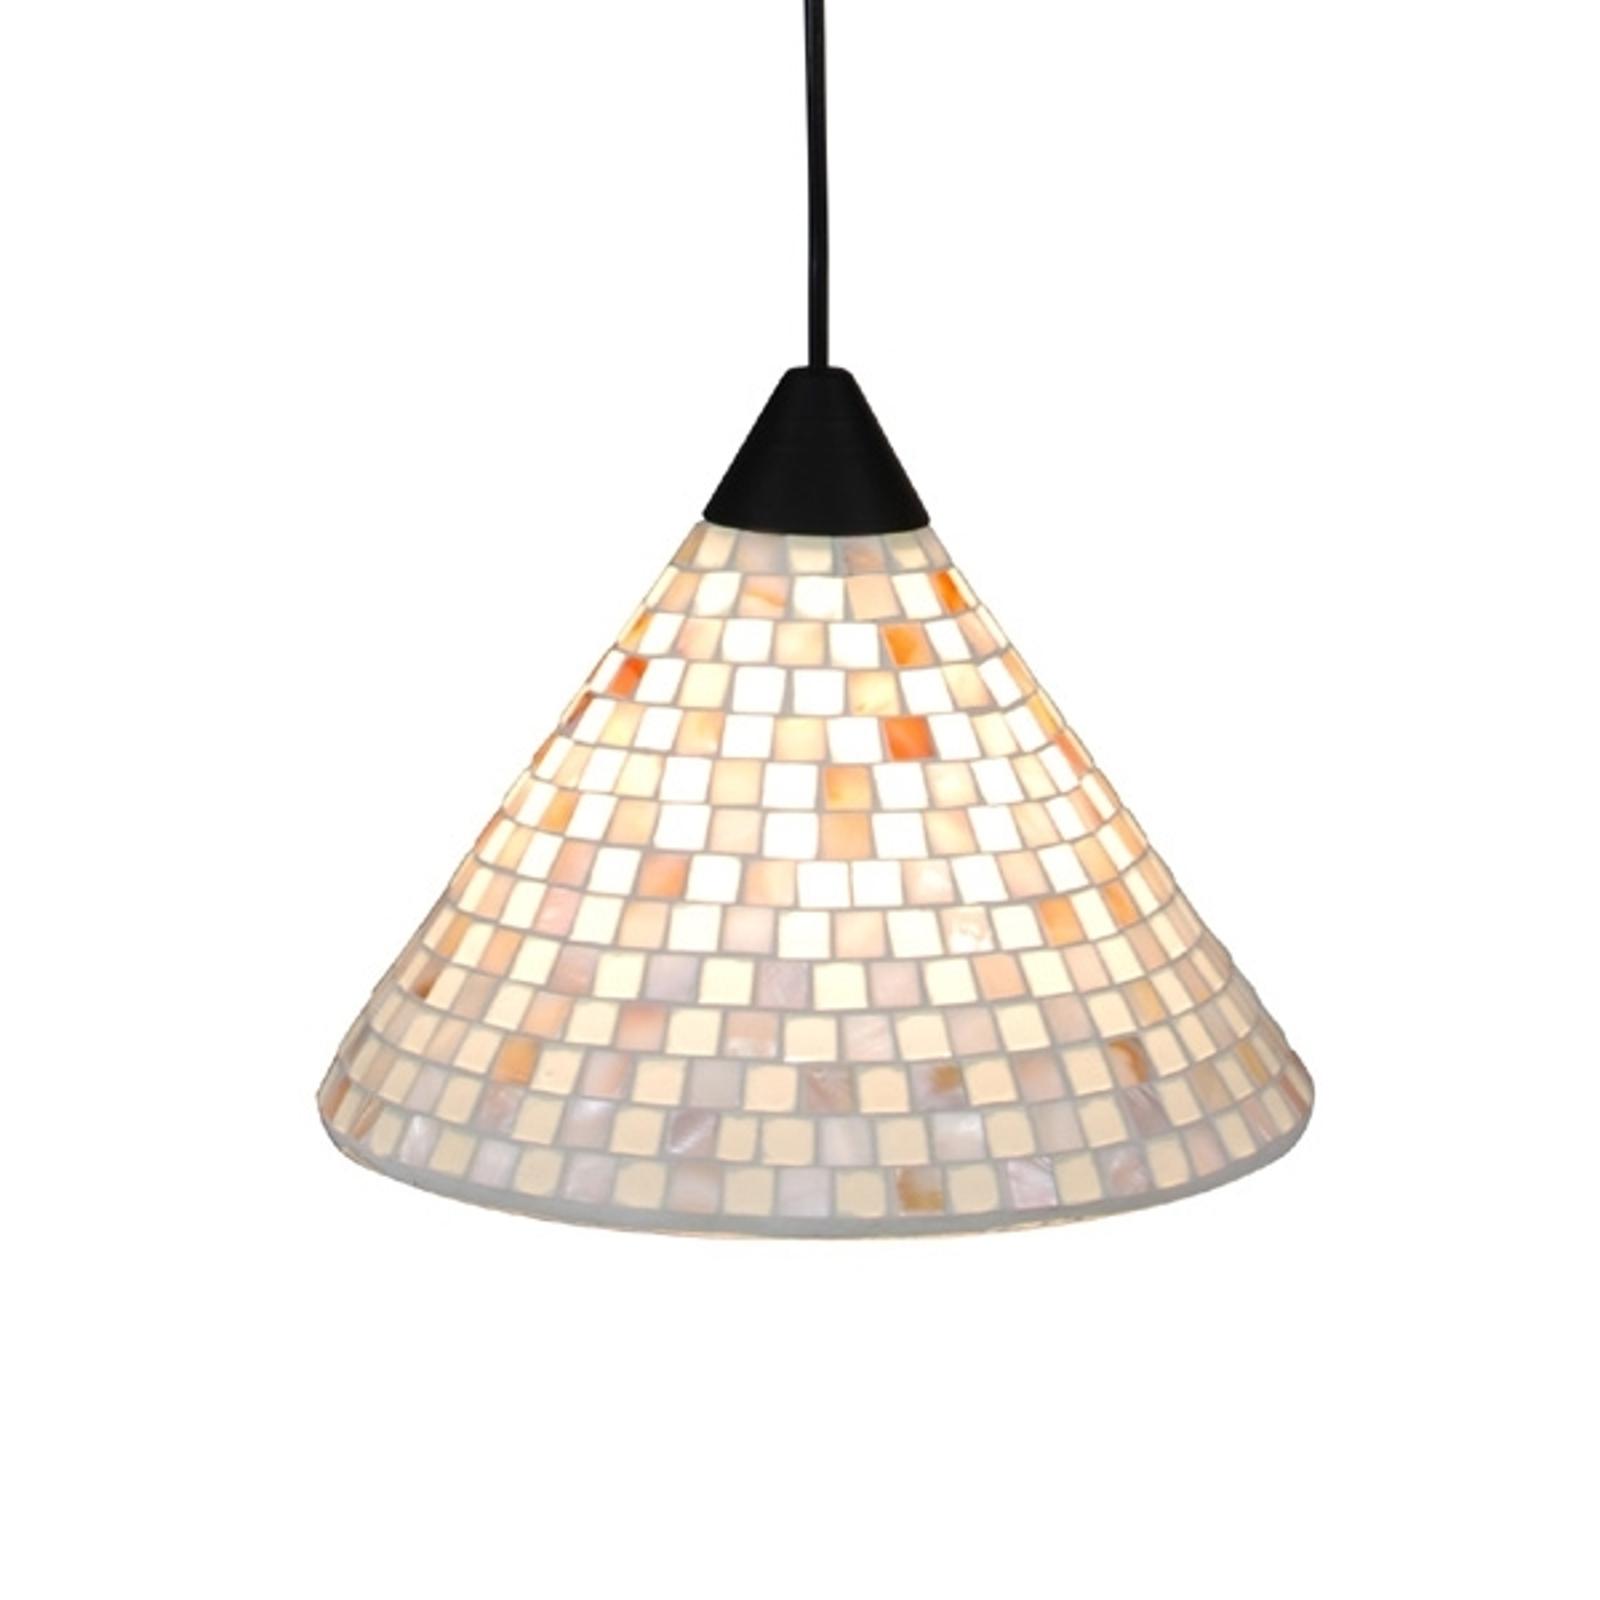 Lampa wisząca Yara z kloszem mozaikowym